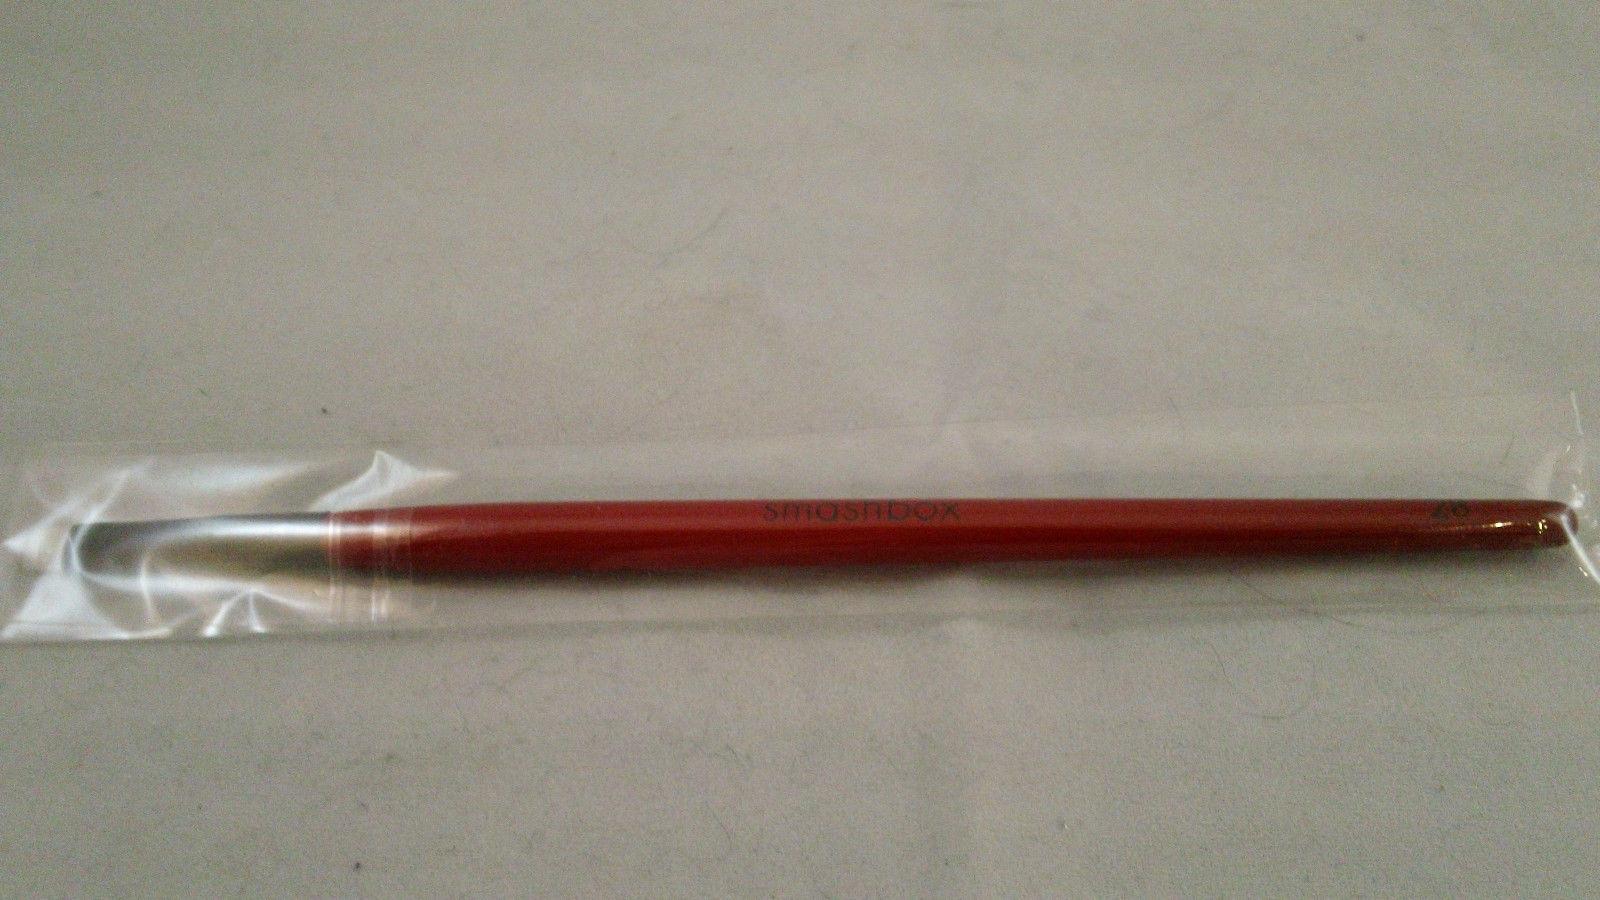 Smashbox Precision Eye Liner Brush #28 flat for Cream and Gel Eyeliner - $18.09